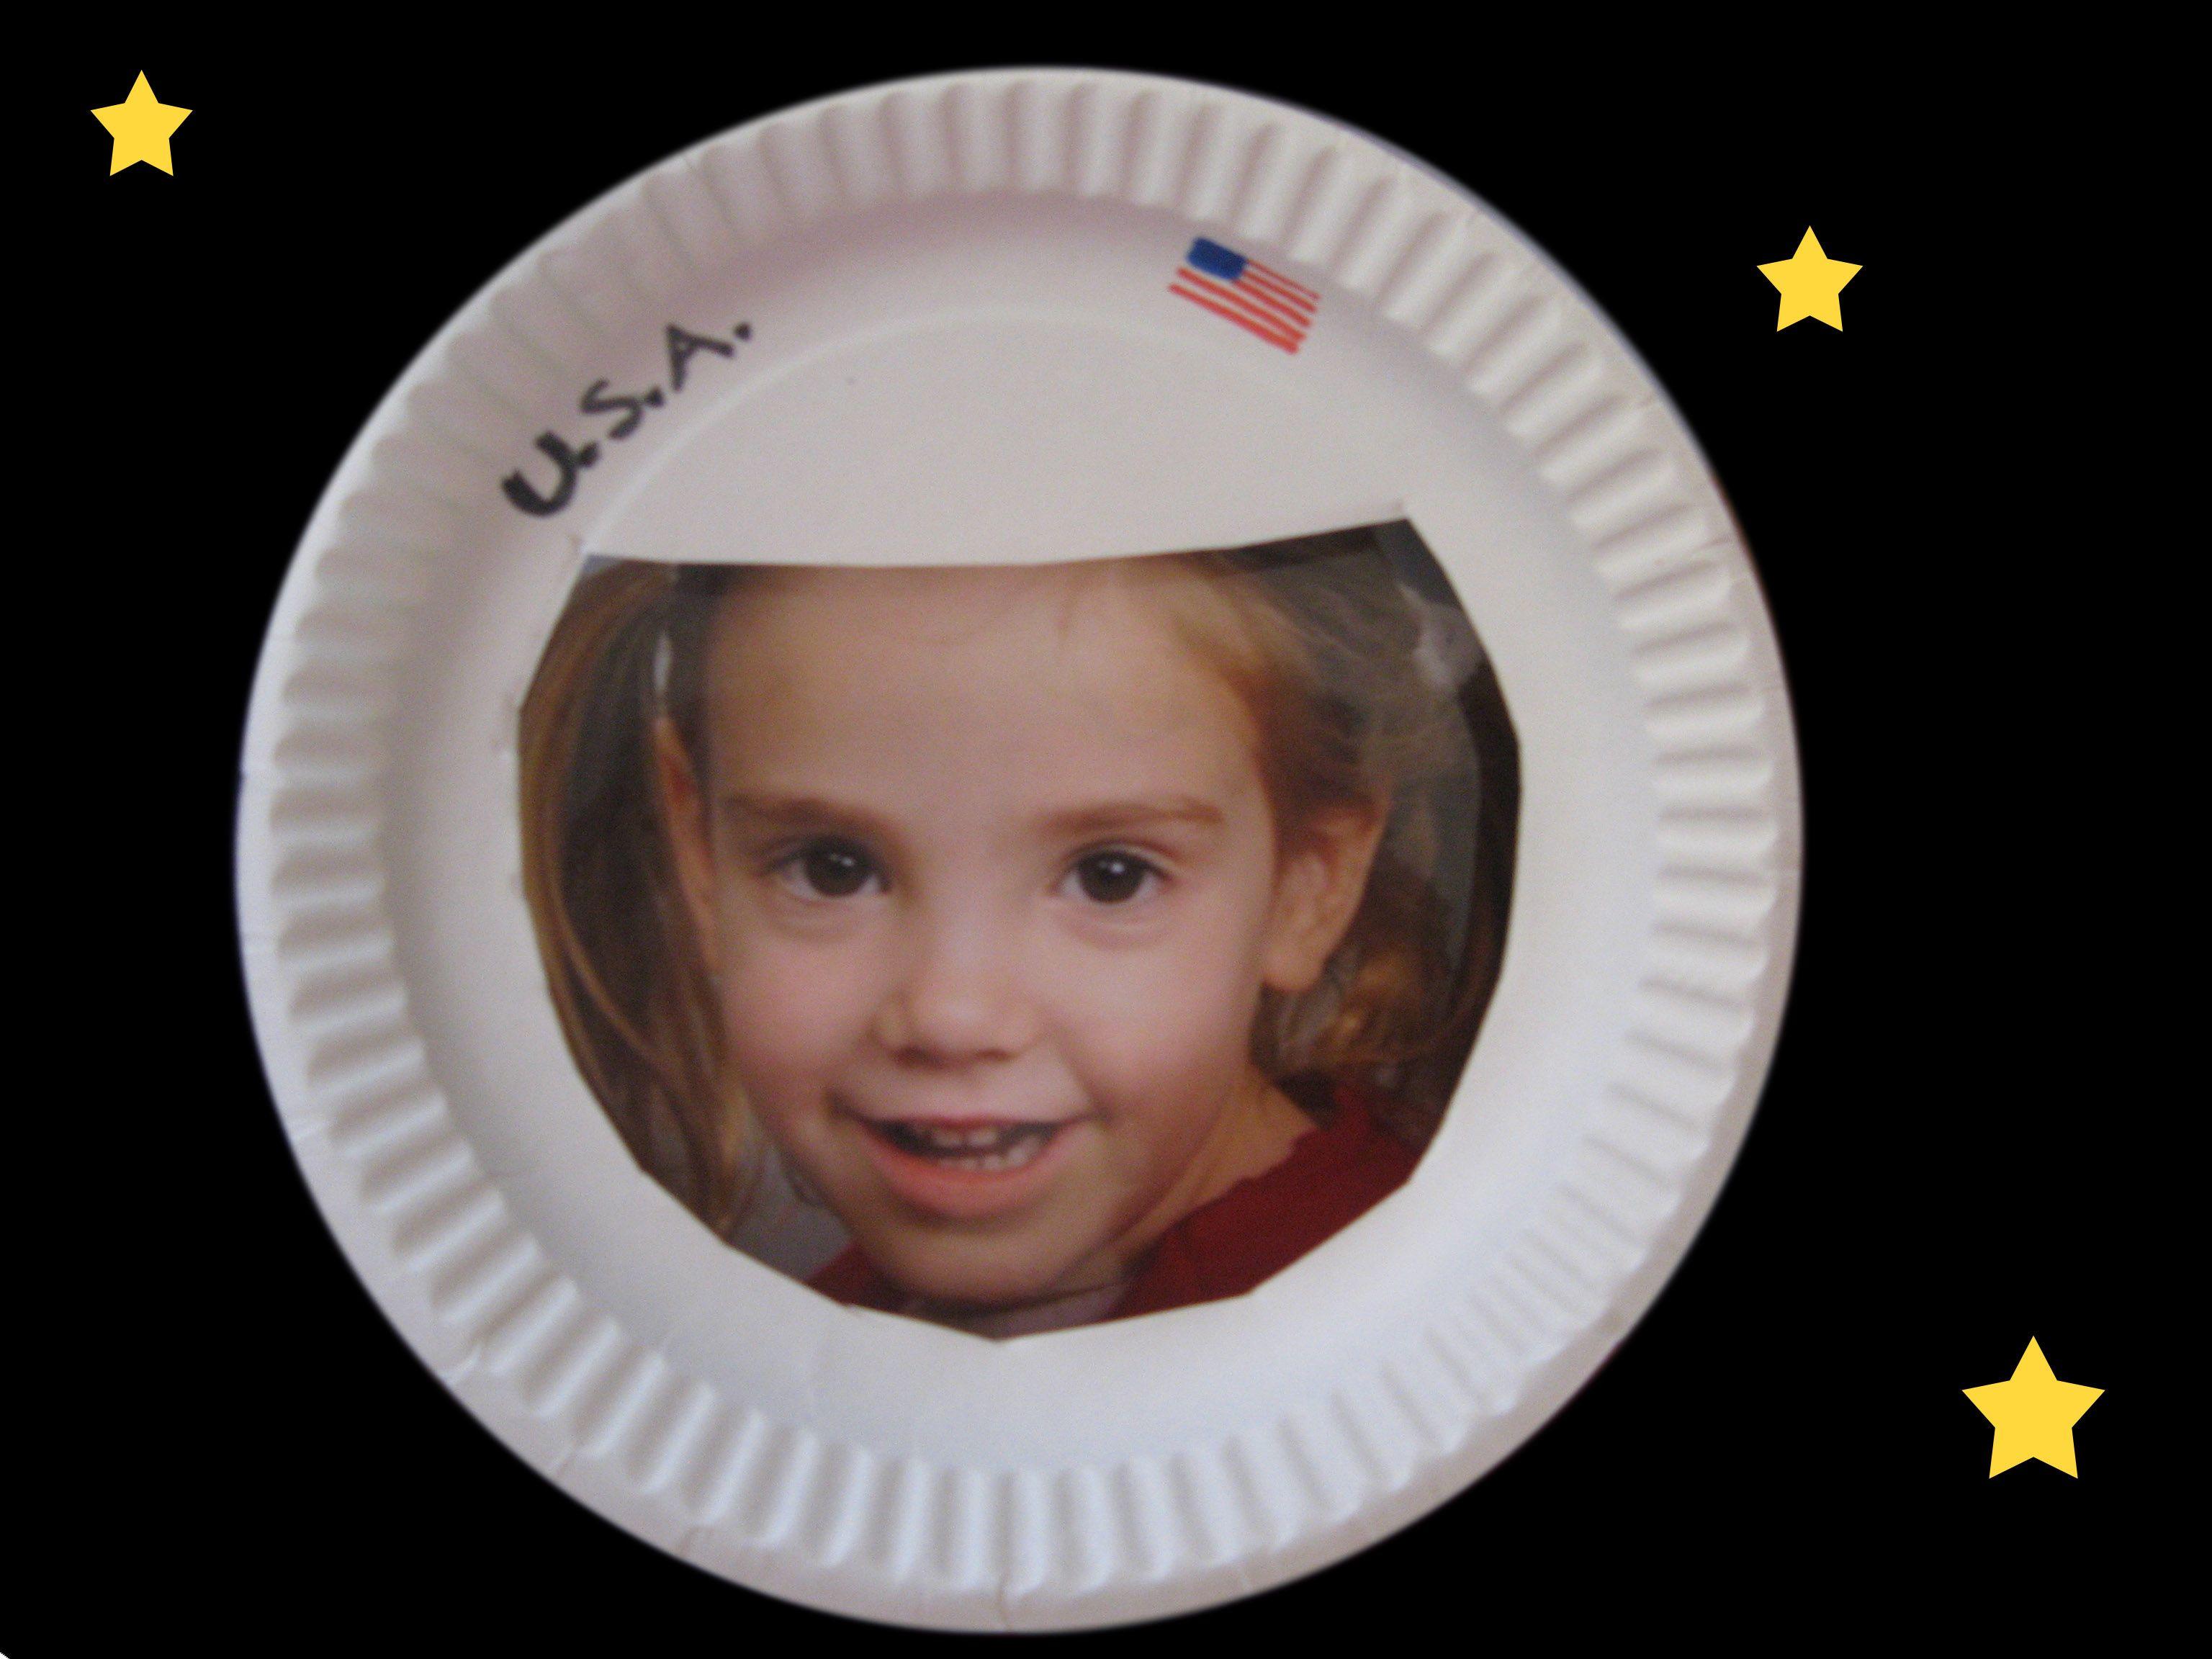 Google Image Result For Http://kidscraftsblog